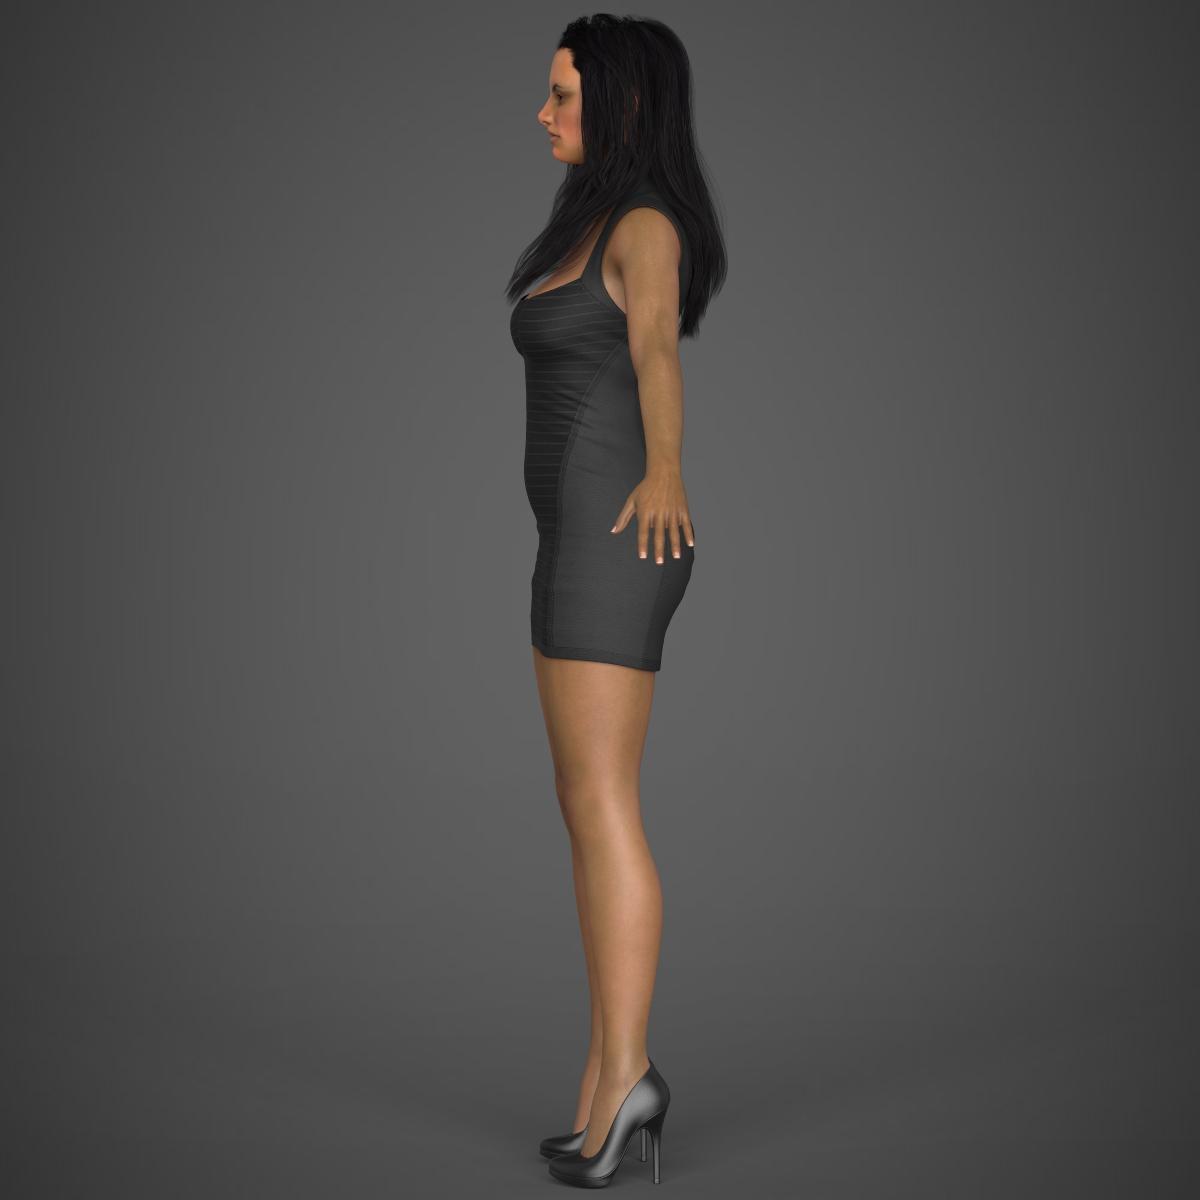 young sexy woman 3d model max fbx c4d ma mb texture obj 221218